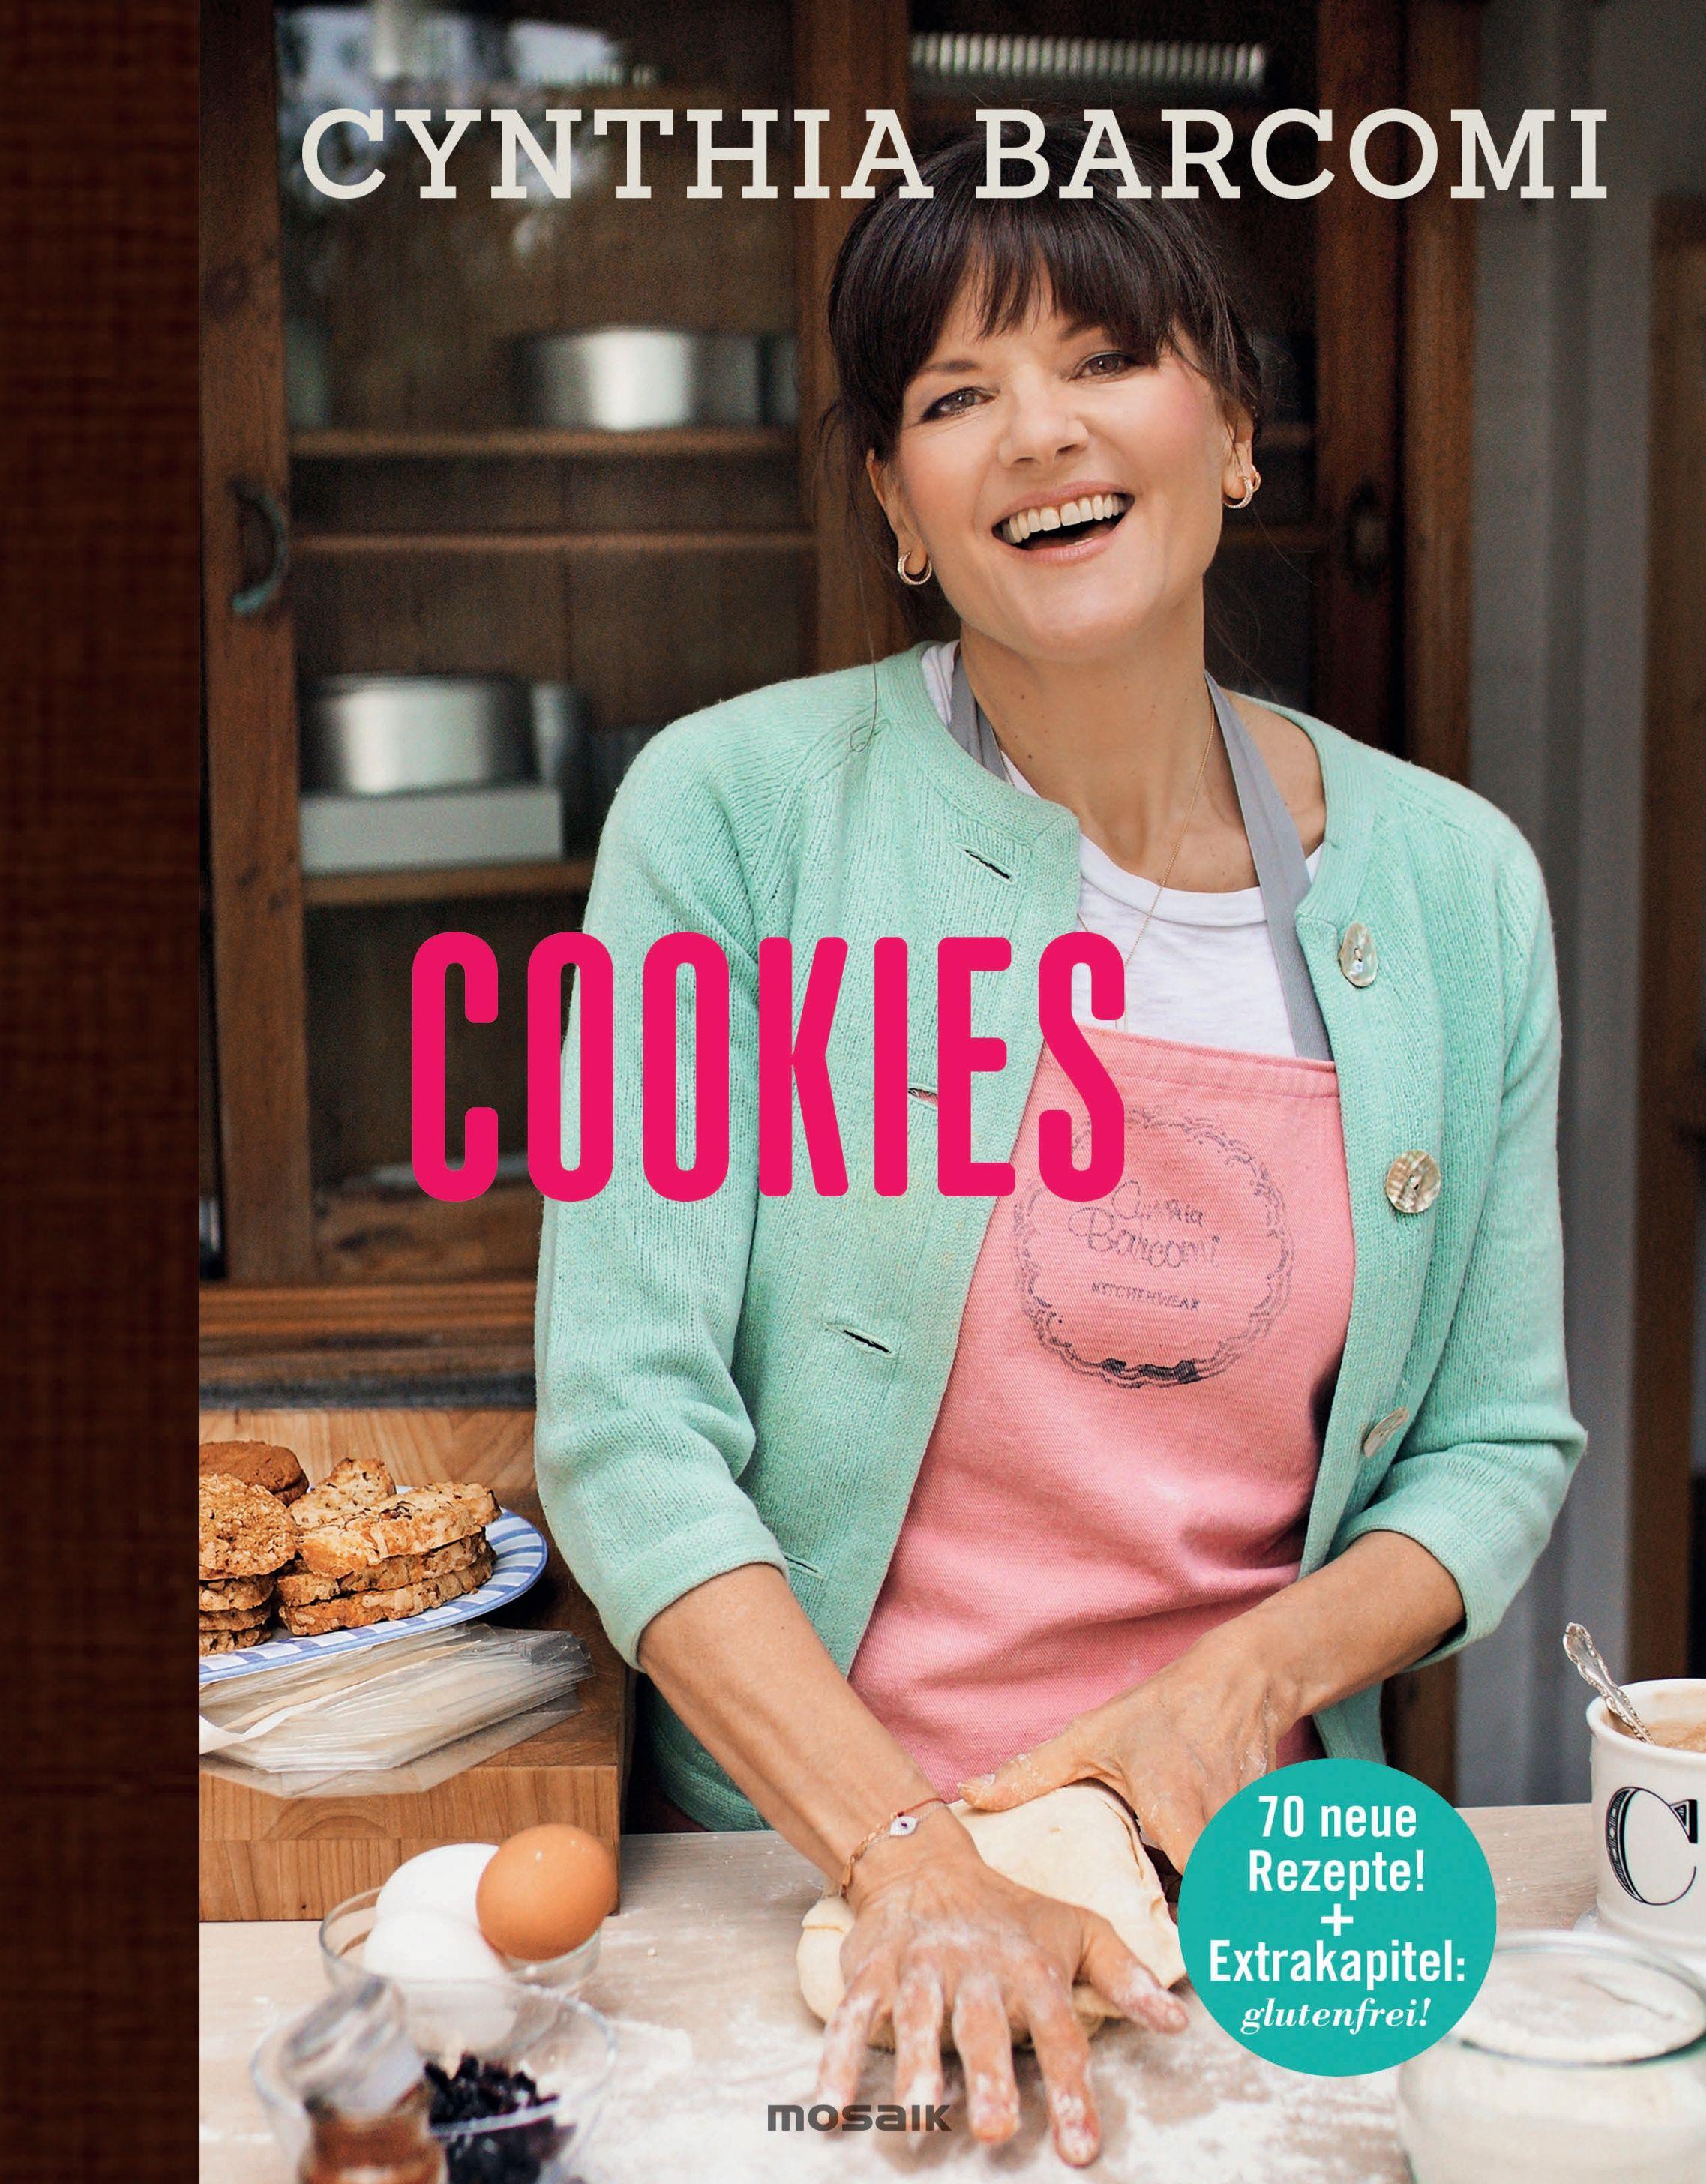 Cookies Cynthia Barcomi